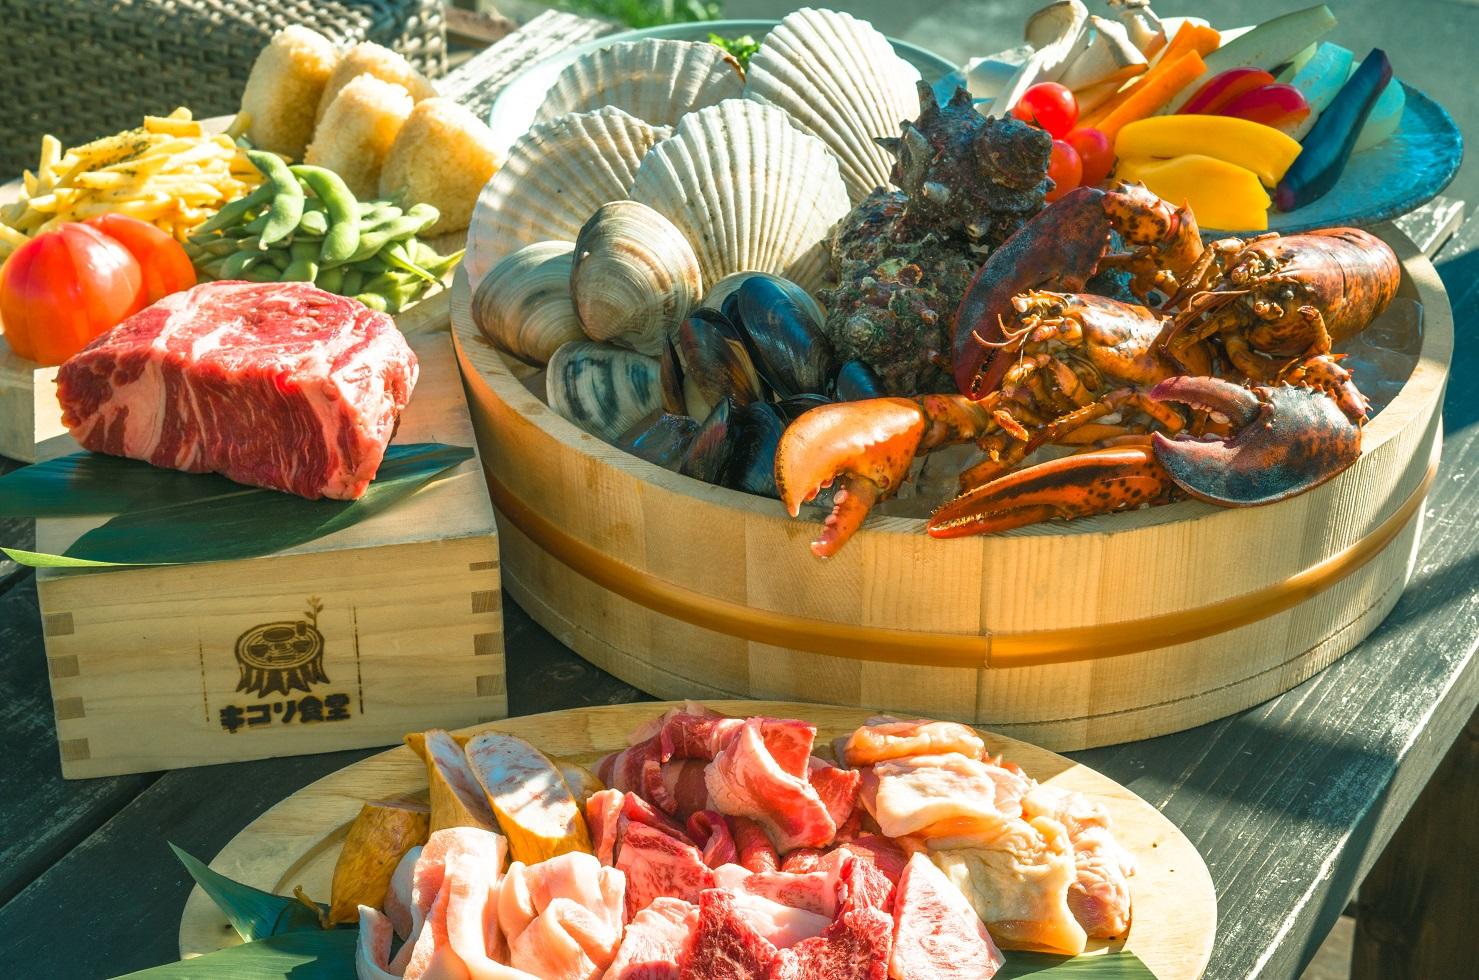 「3時間たっぷり!塊肉と豪快漁師盛りBBQコース」2